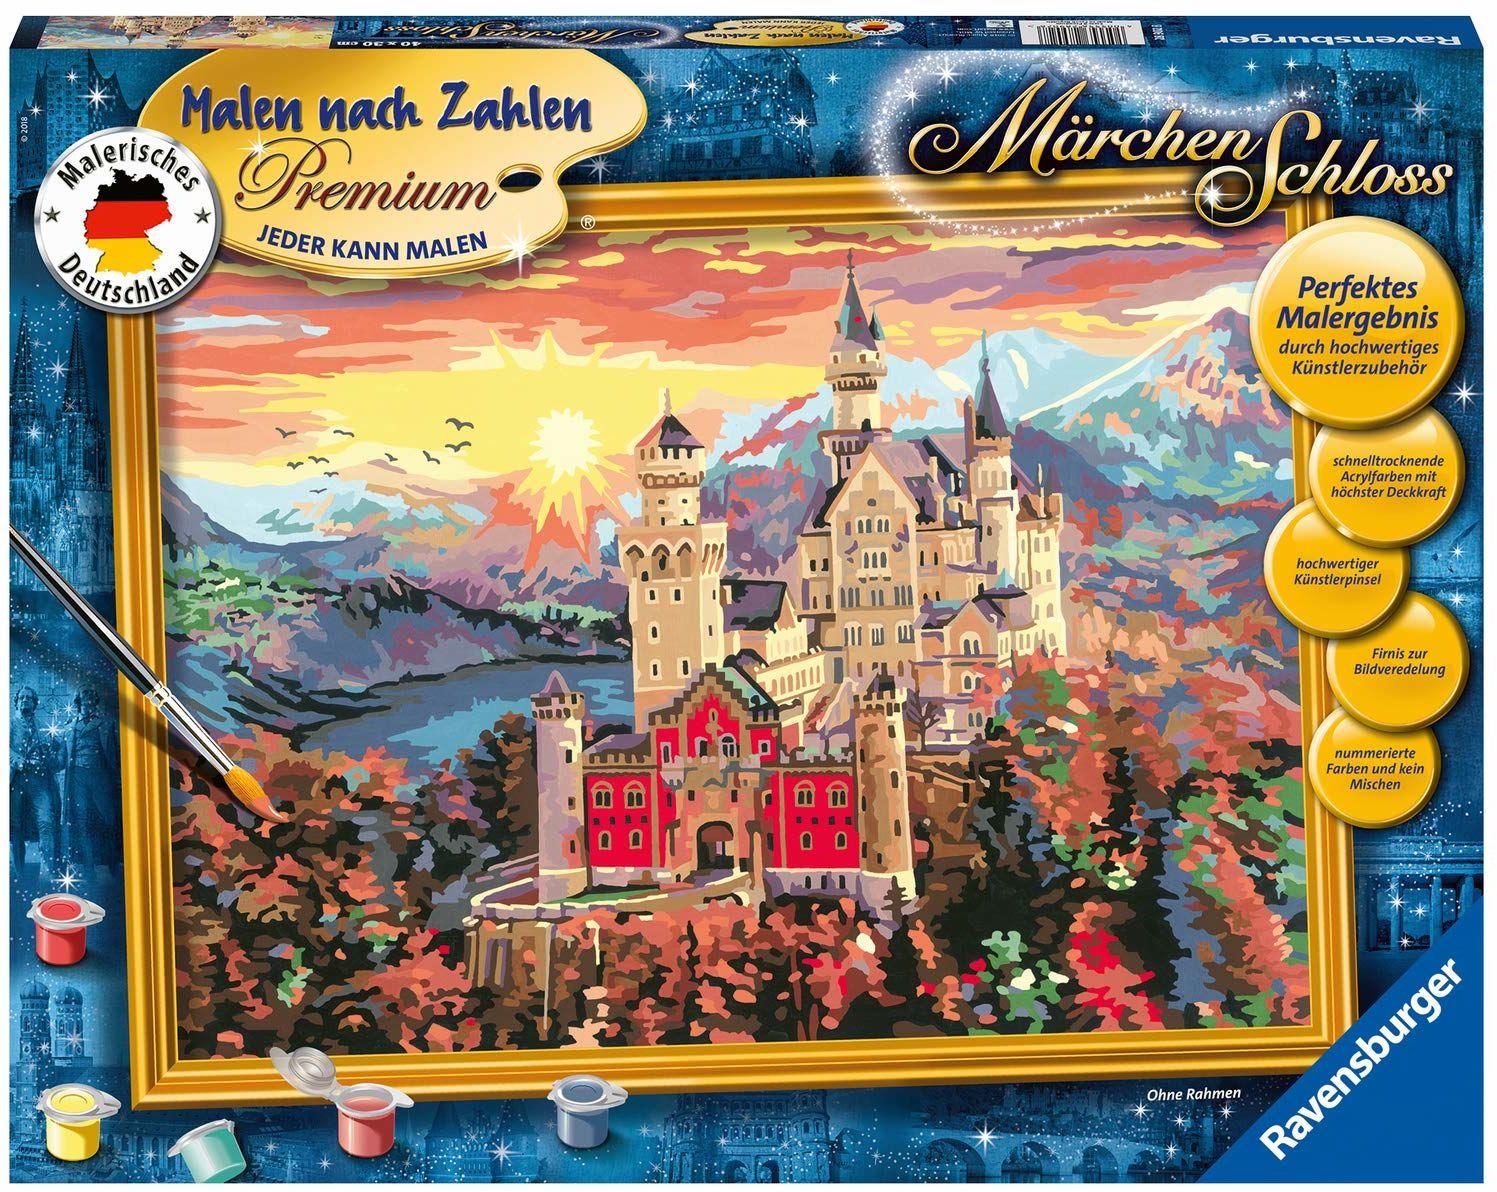 Ravensburger Malowanie według liczb 28902 - zamek bajkowy - doskonały efekt malowania dzięki wysokiej jakości akcesoriom artystycznym, bez ramki